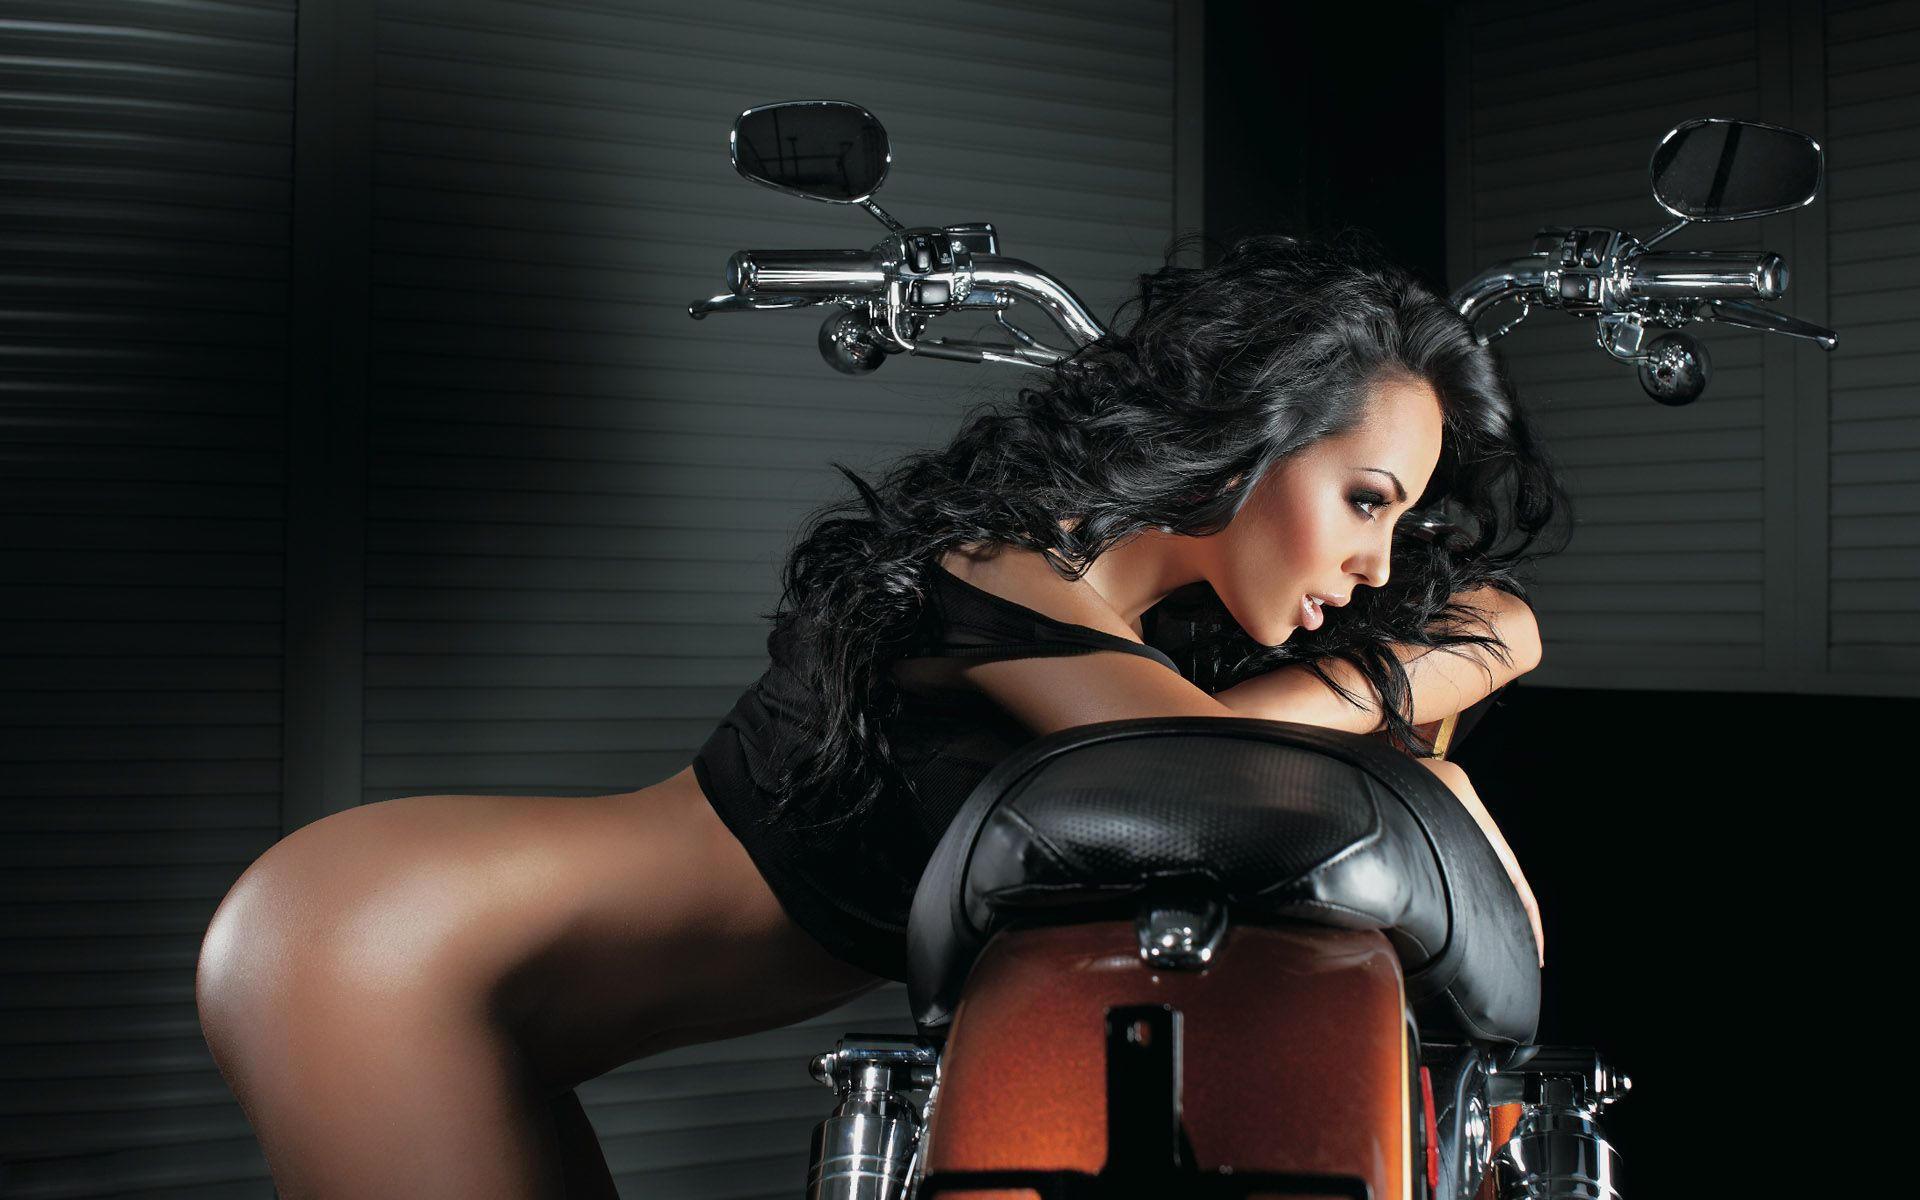 Мечтательная и задумчивая девушка у байка, мотоцикла